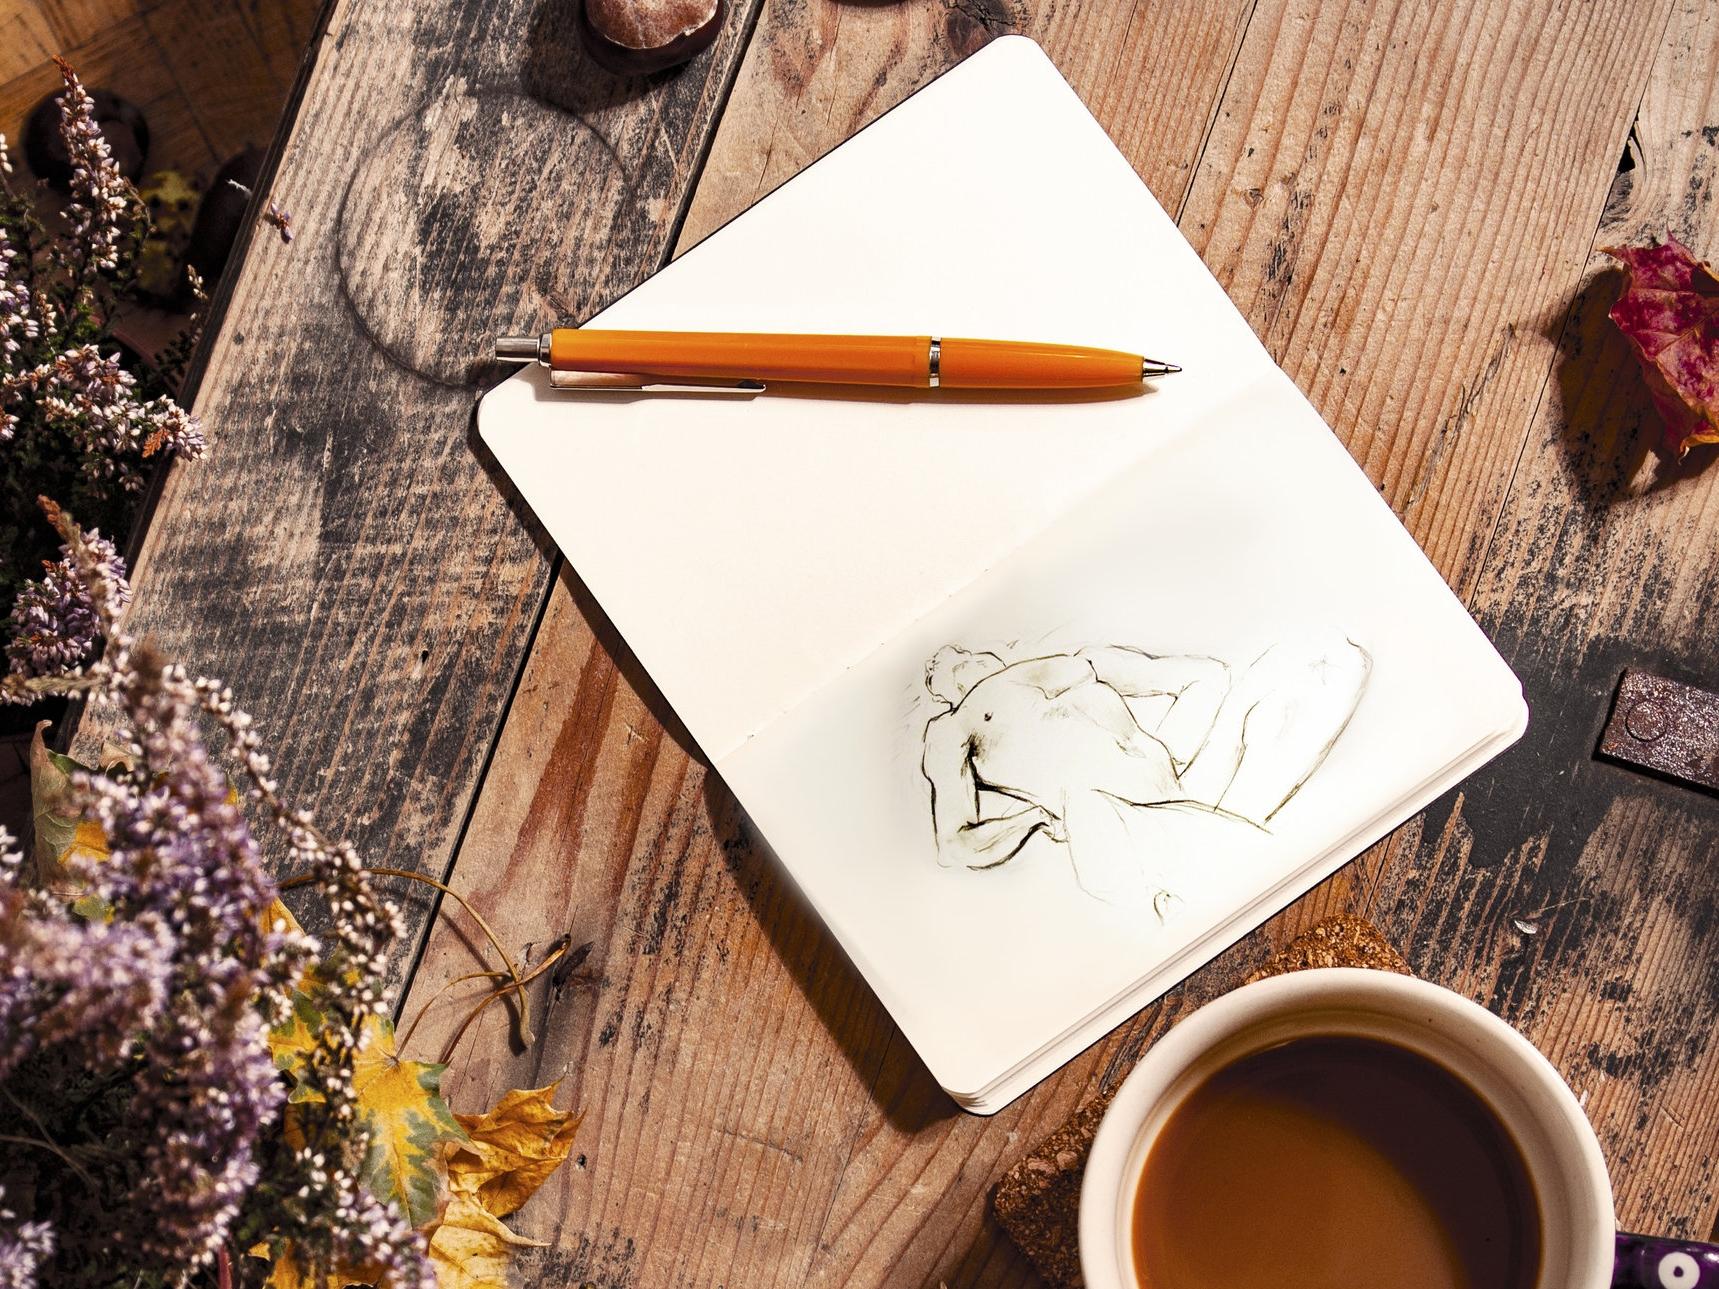 Sketchbook with sketch of man.jpg